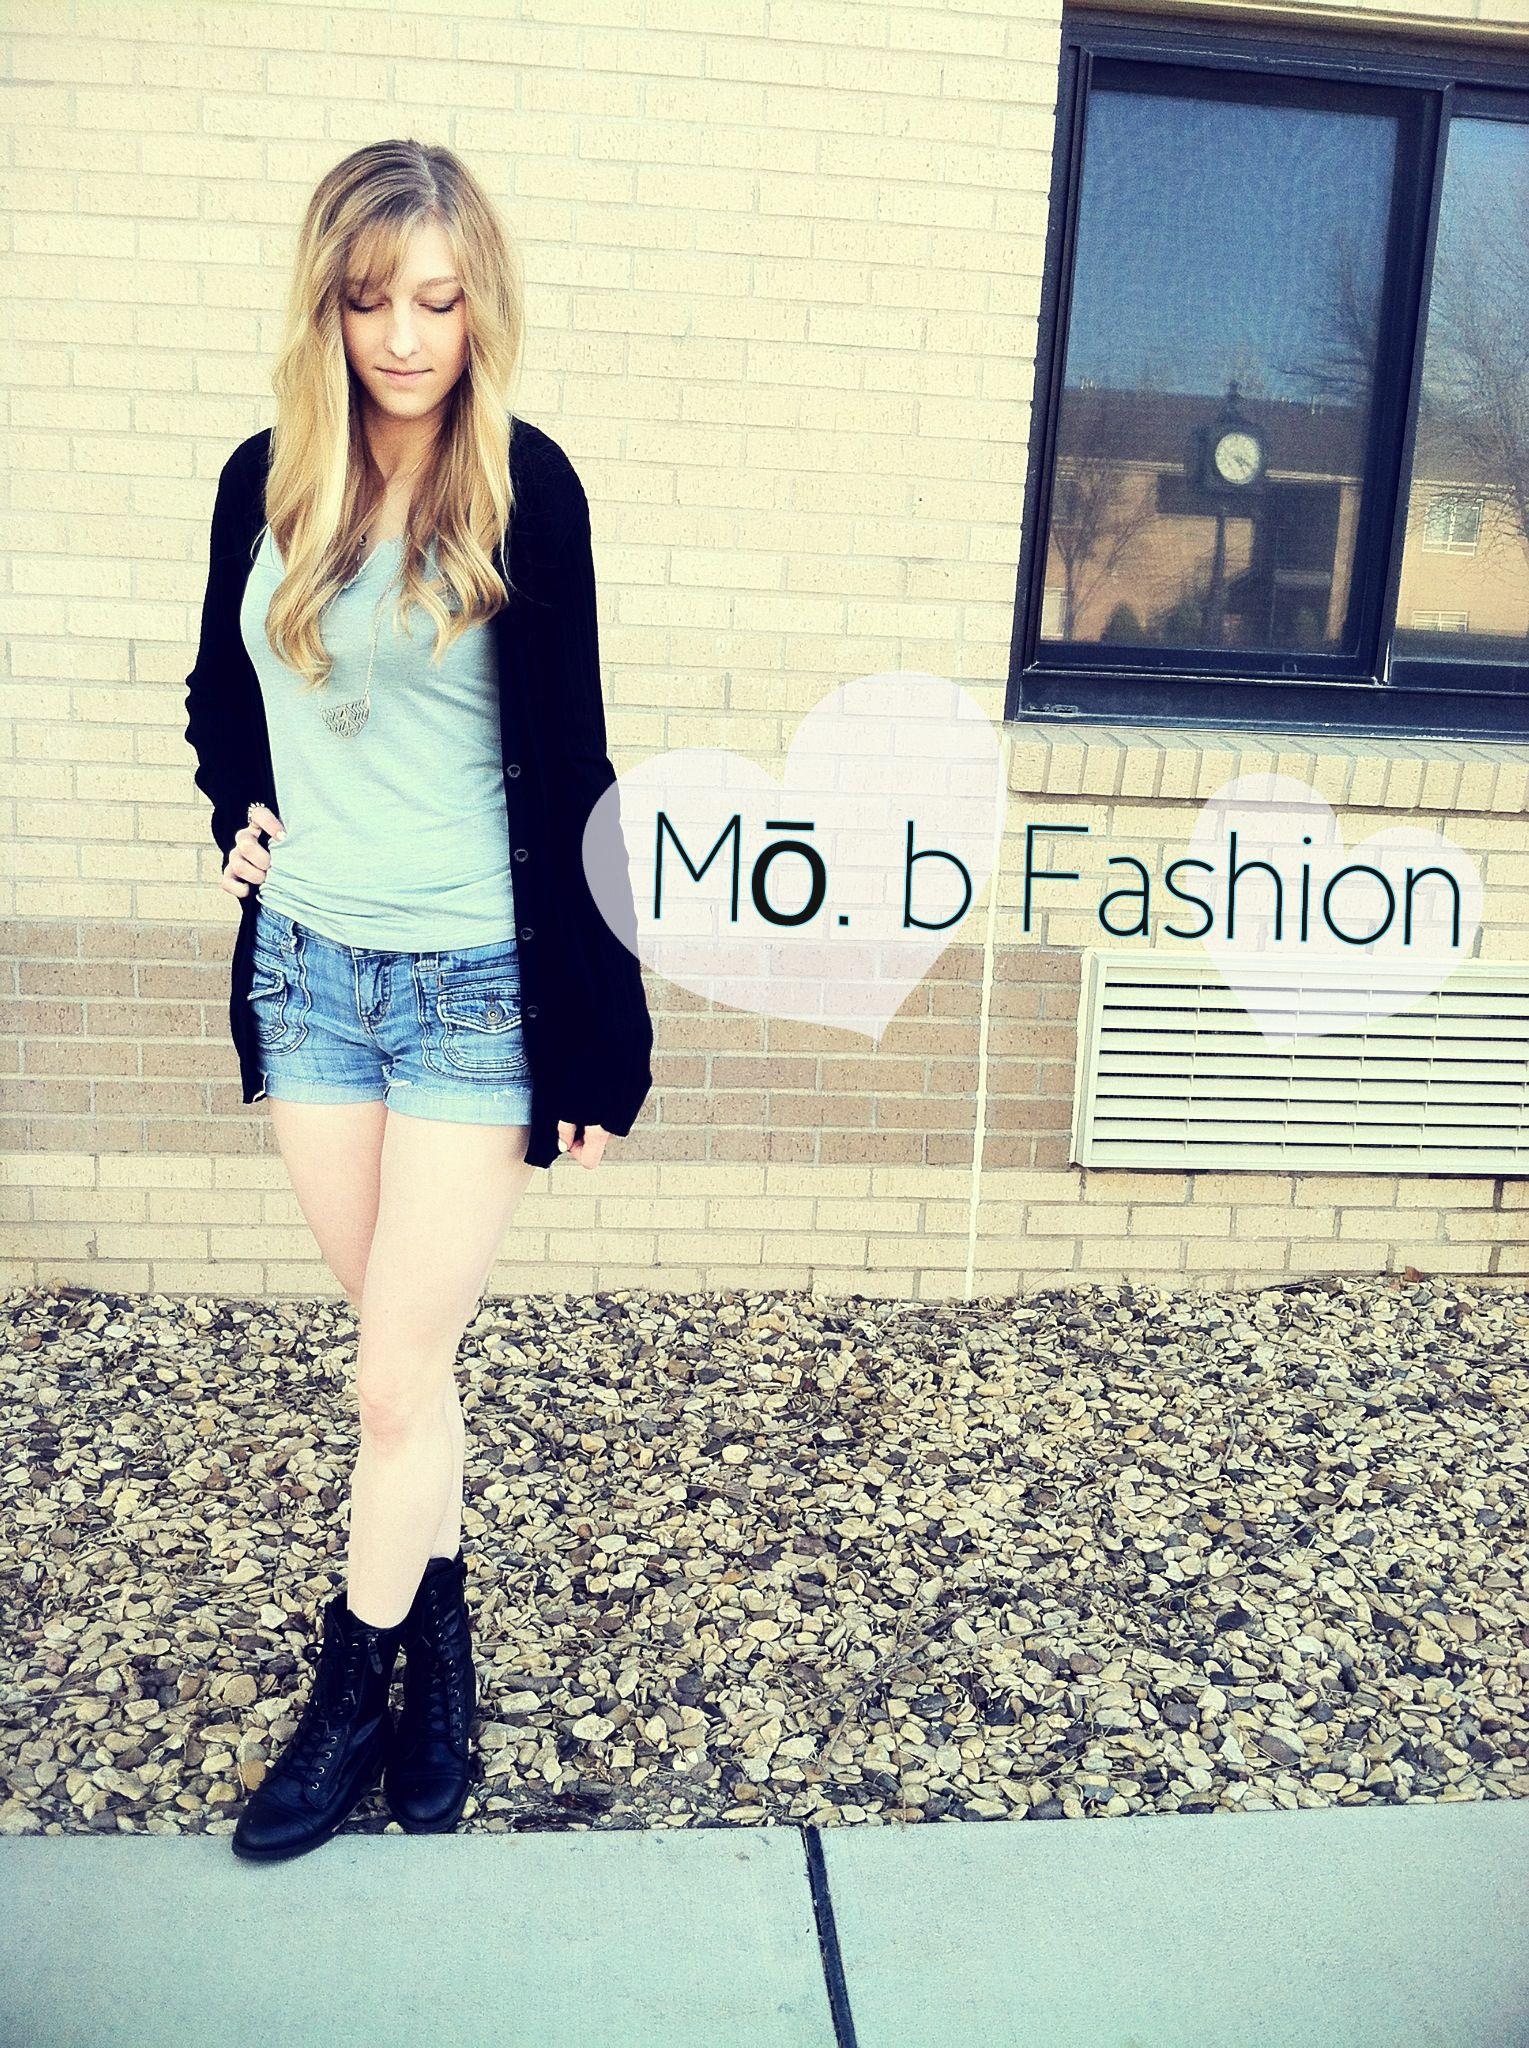 Mō. b Fashion